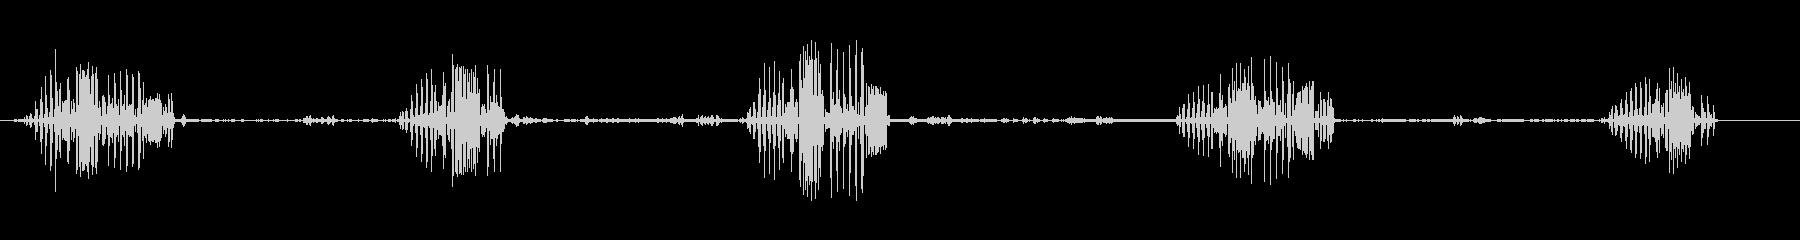 カーゴレットの未再生の波形